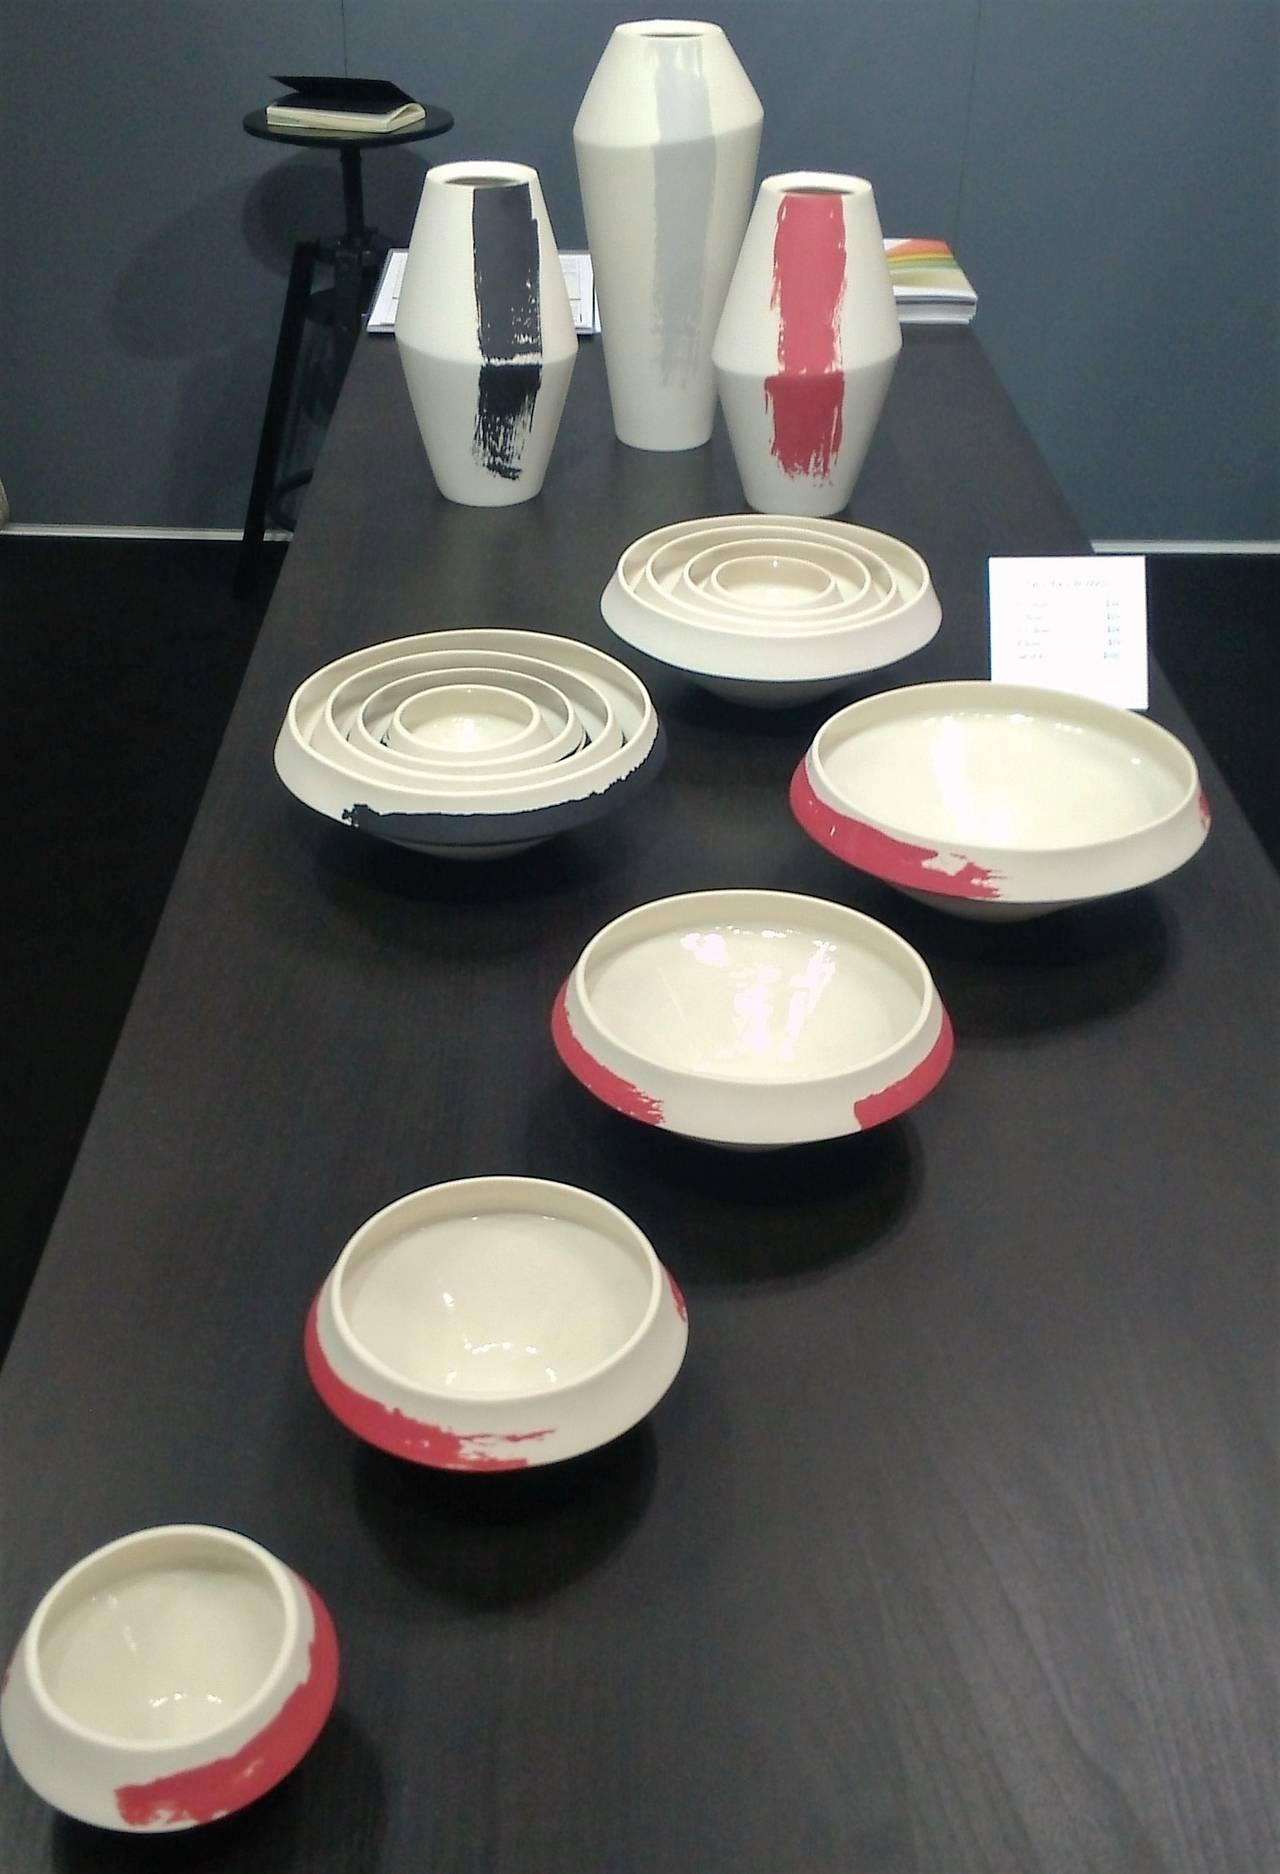 """Nesting Bowls di Romi Ceramics, set di quattro ciotole dalle linee geometriche pulite lavorate a mano, quindi uniche, """"annidate"""" l'una dentro l'altra."""